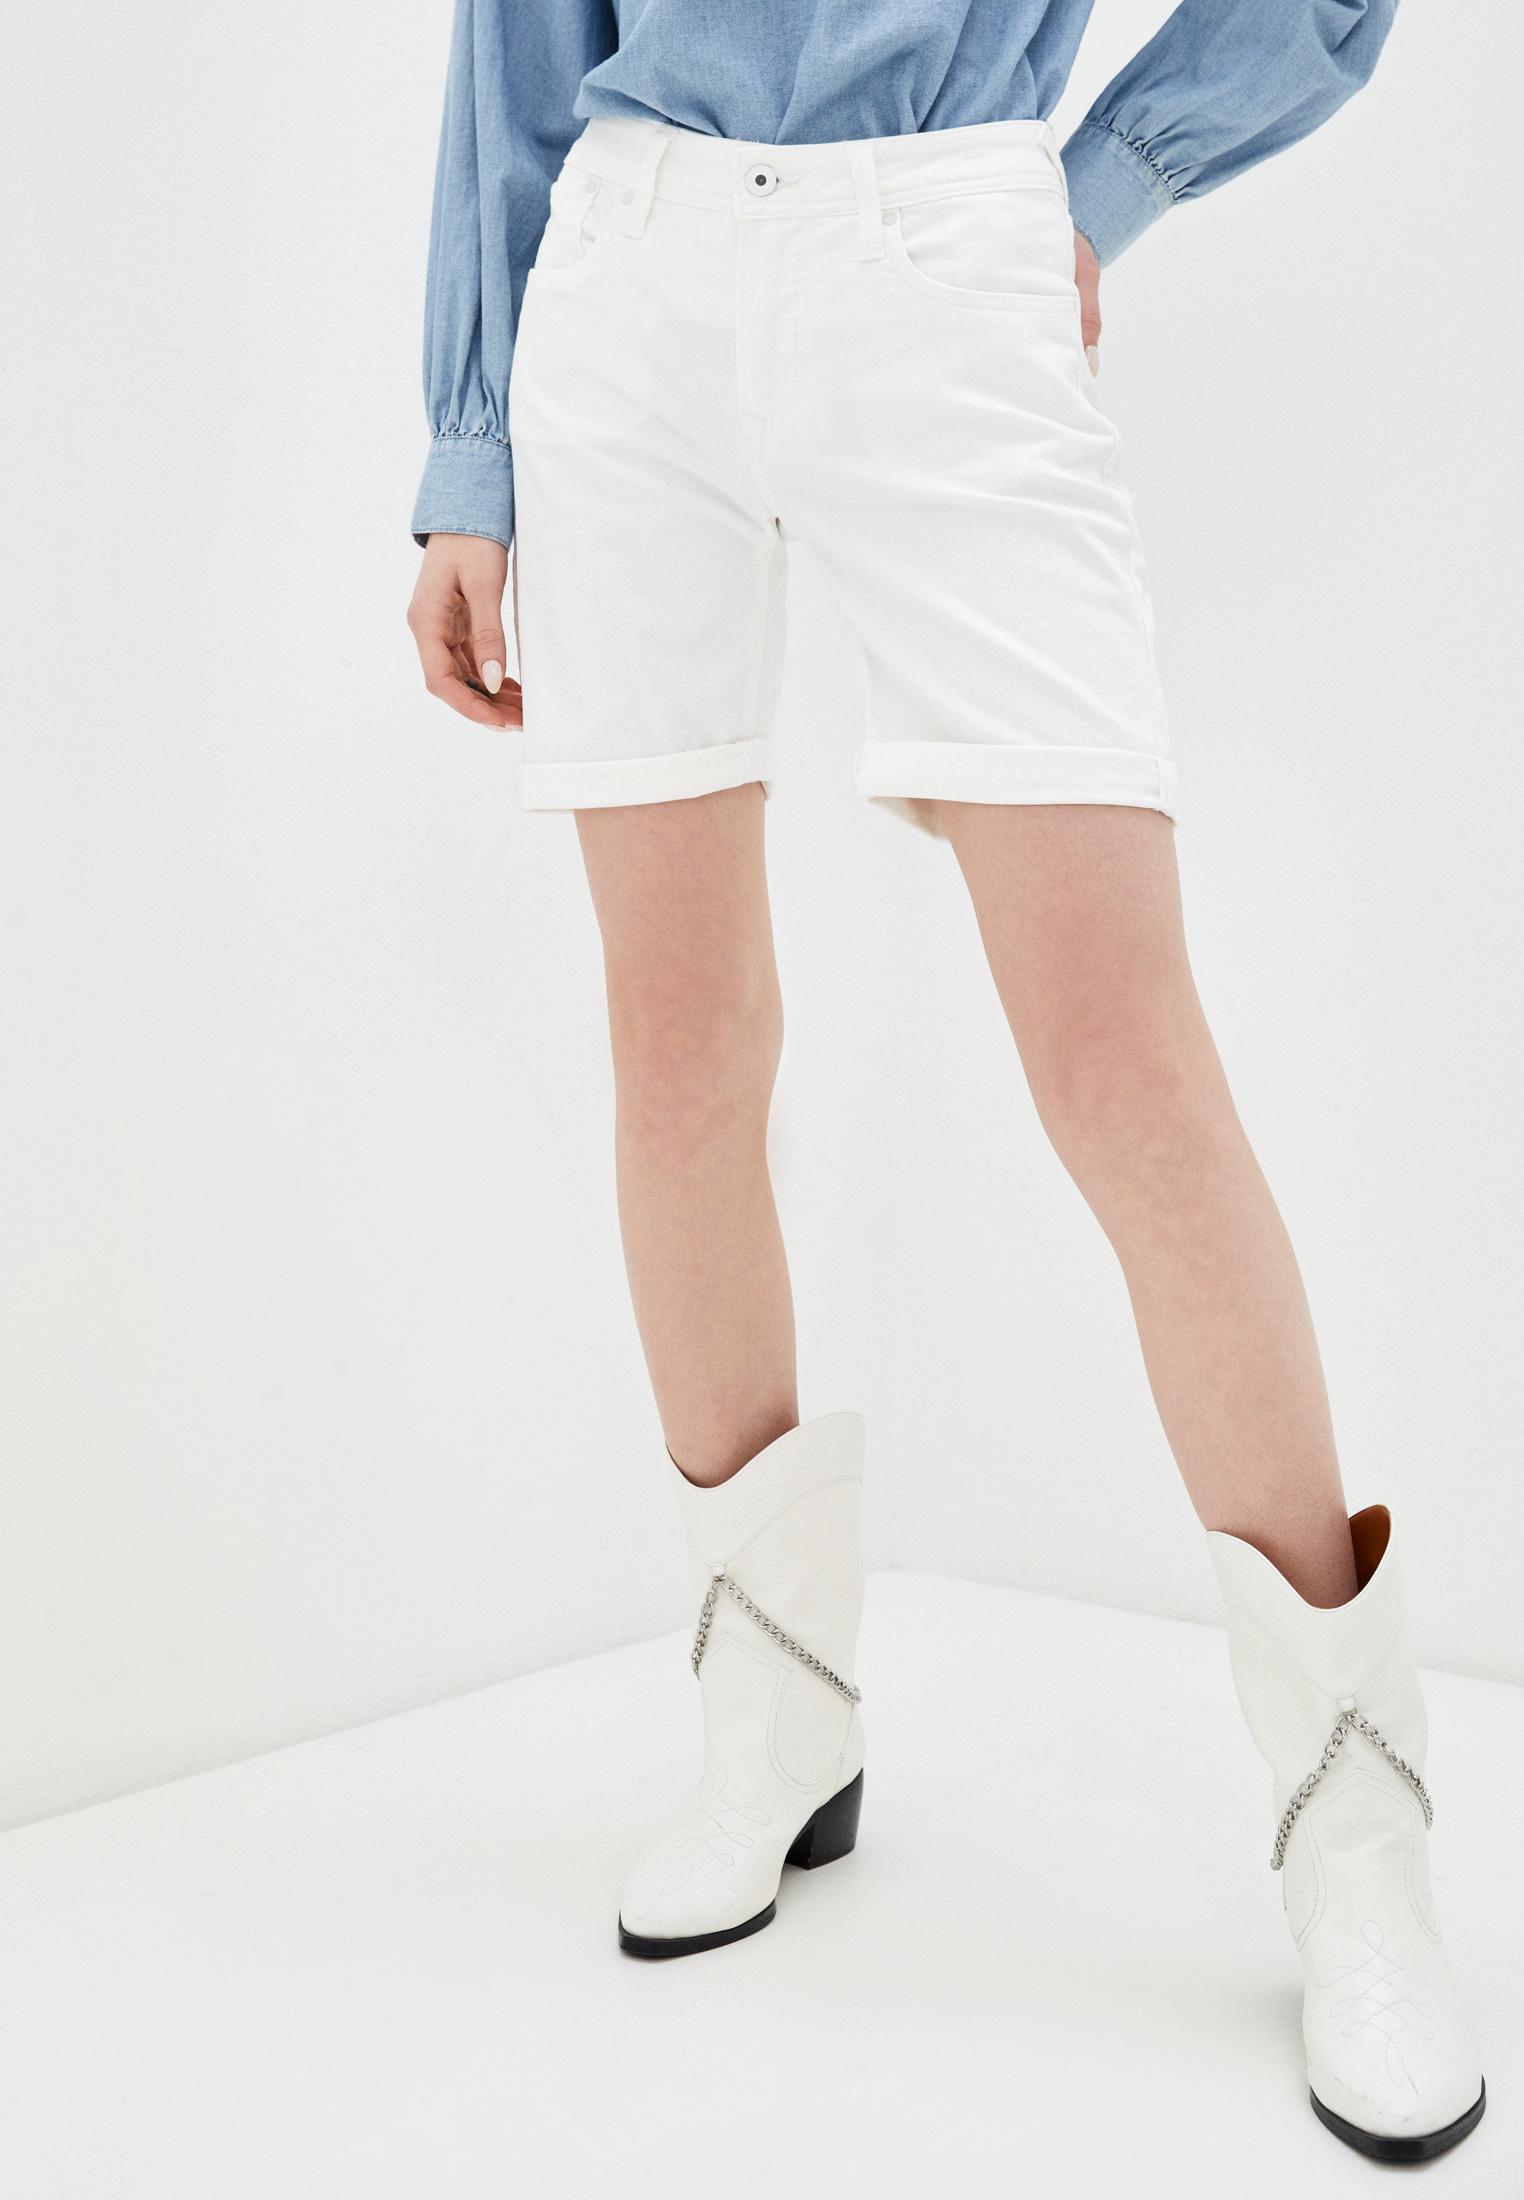 Женские джинсовые шорты Pepe Jeans (Пепе Джинс) Шорты джинсовые Pepe Jeans